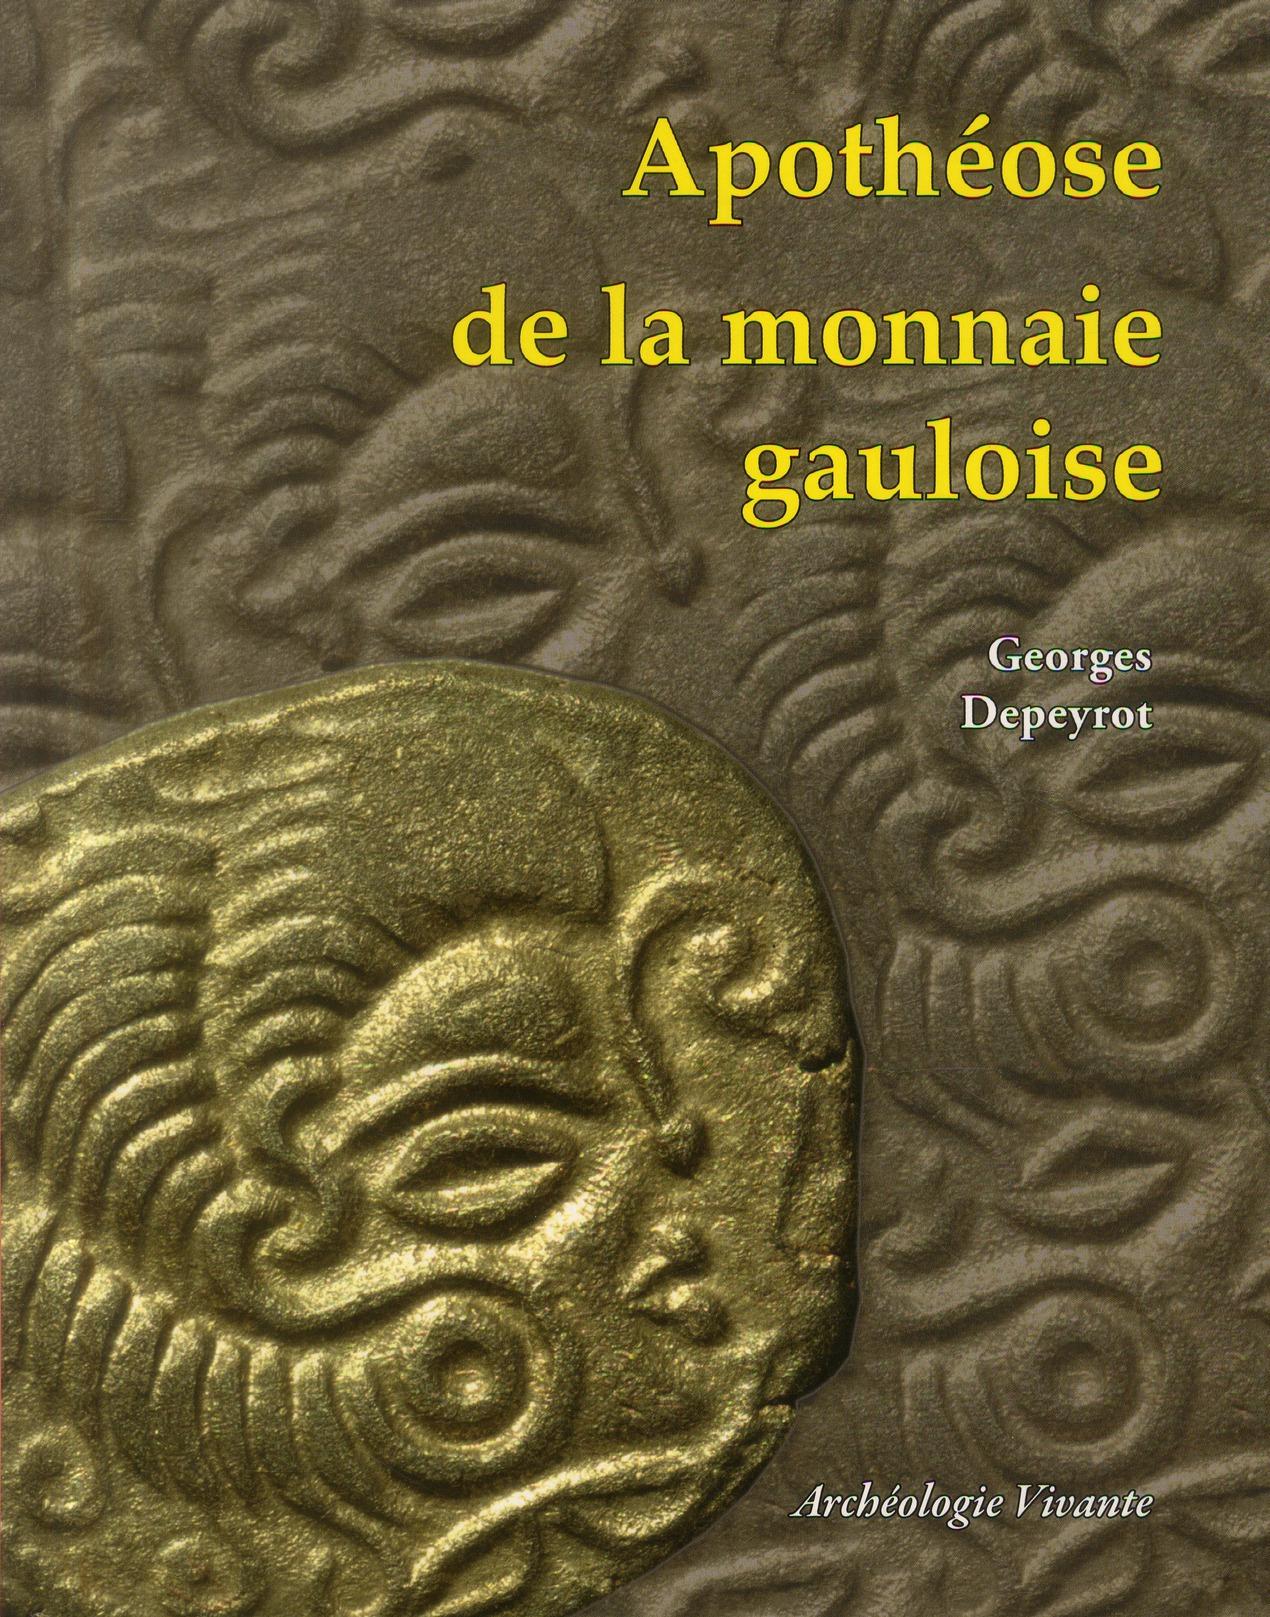 APOTHEOSE DE LA MONNAIE GAULOISE